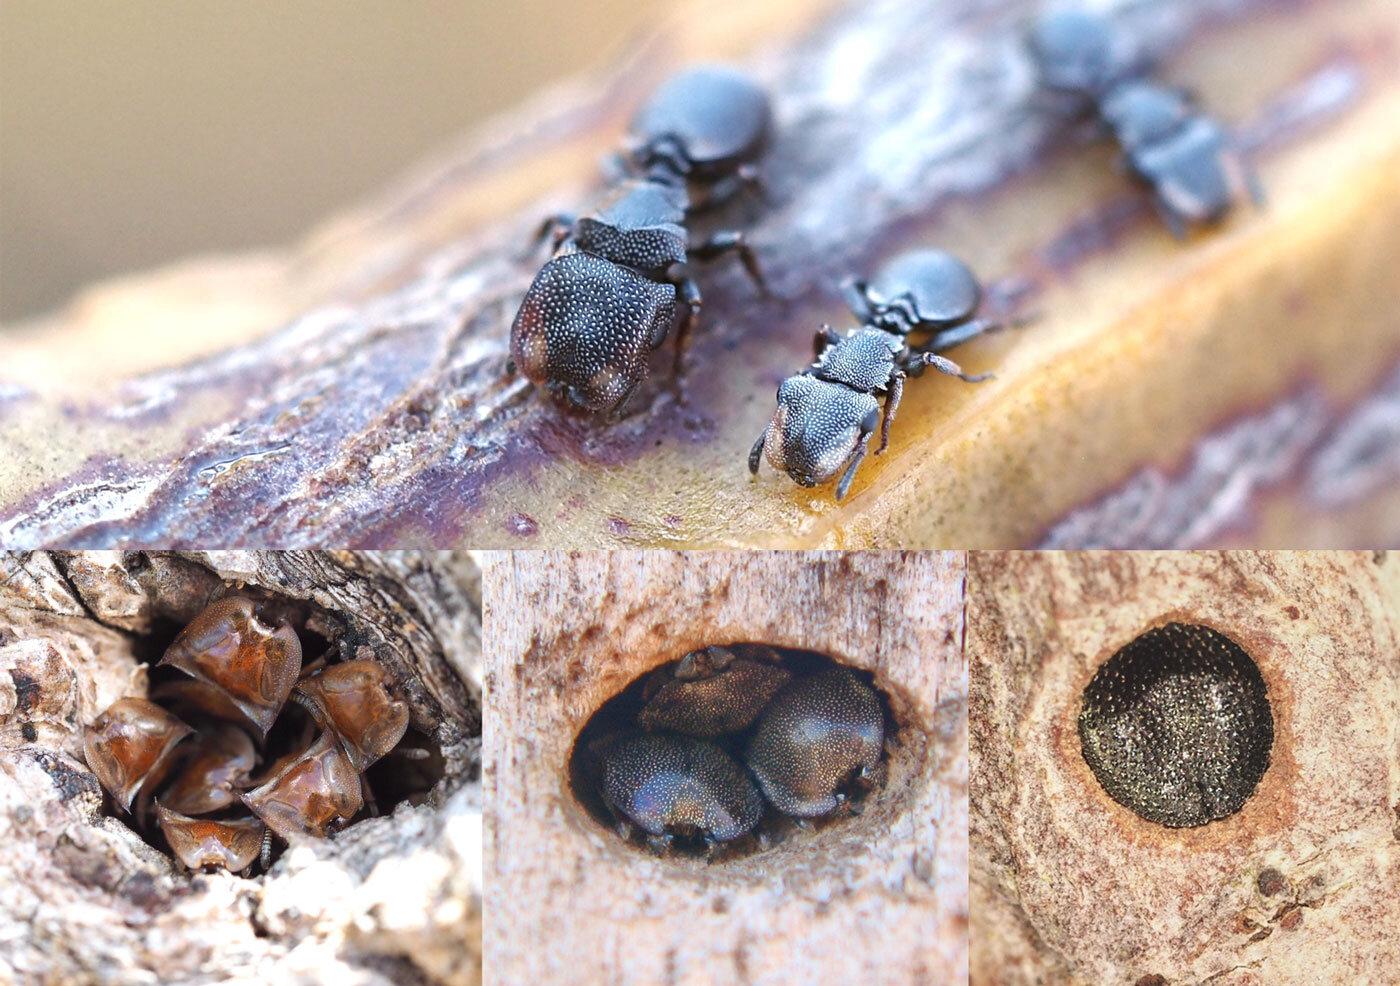 Las hormigas tortuga defienden de sus nidos adaptando la forma y tamaño de su cabeza a las dimensiones de la entrada. Foto: Universidad de Rockefeller.